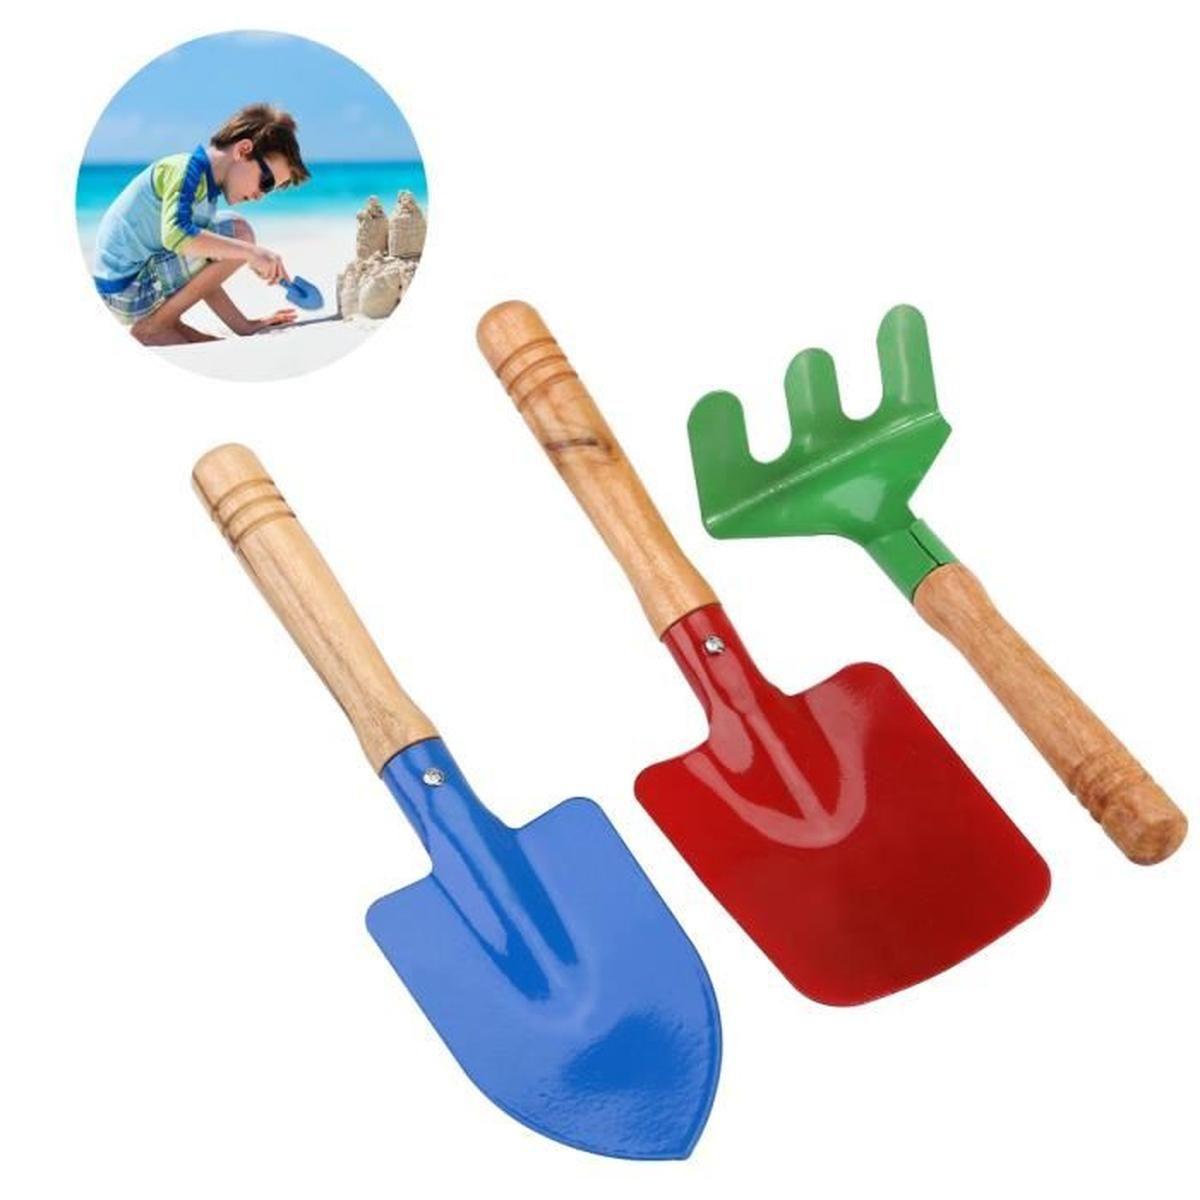 3 Pcs Outils De Jardin En Plein Air Set Râteau Pelle Enfants ... à Outil Jardin Enfant